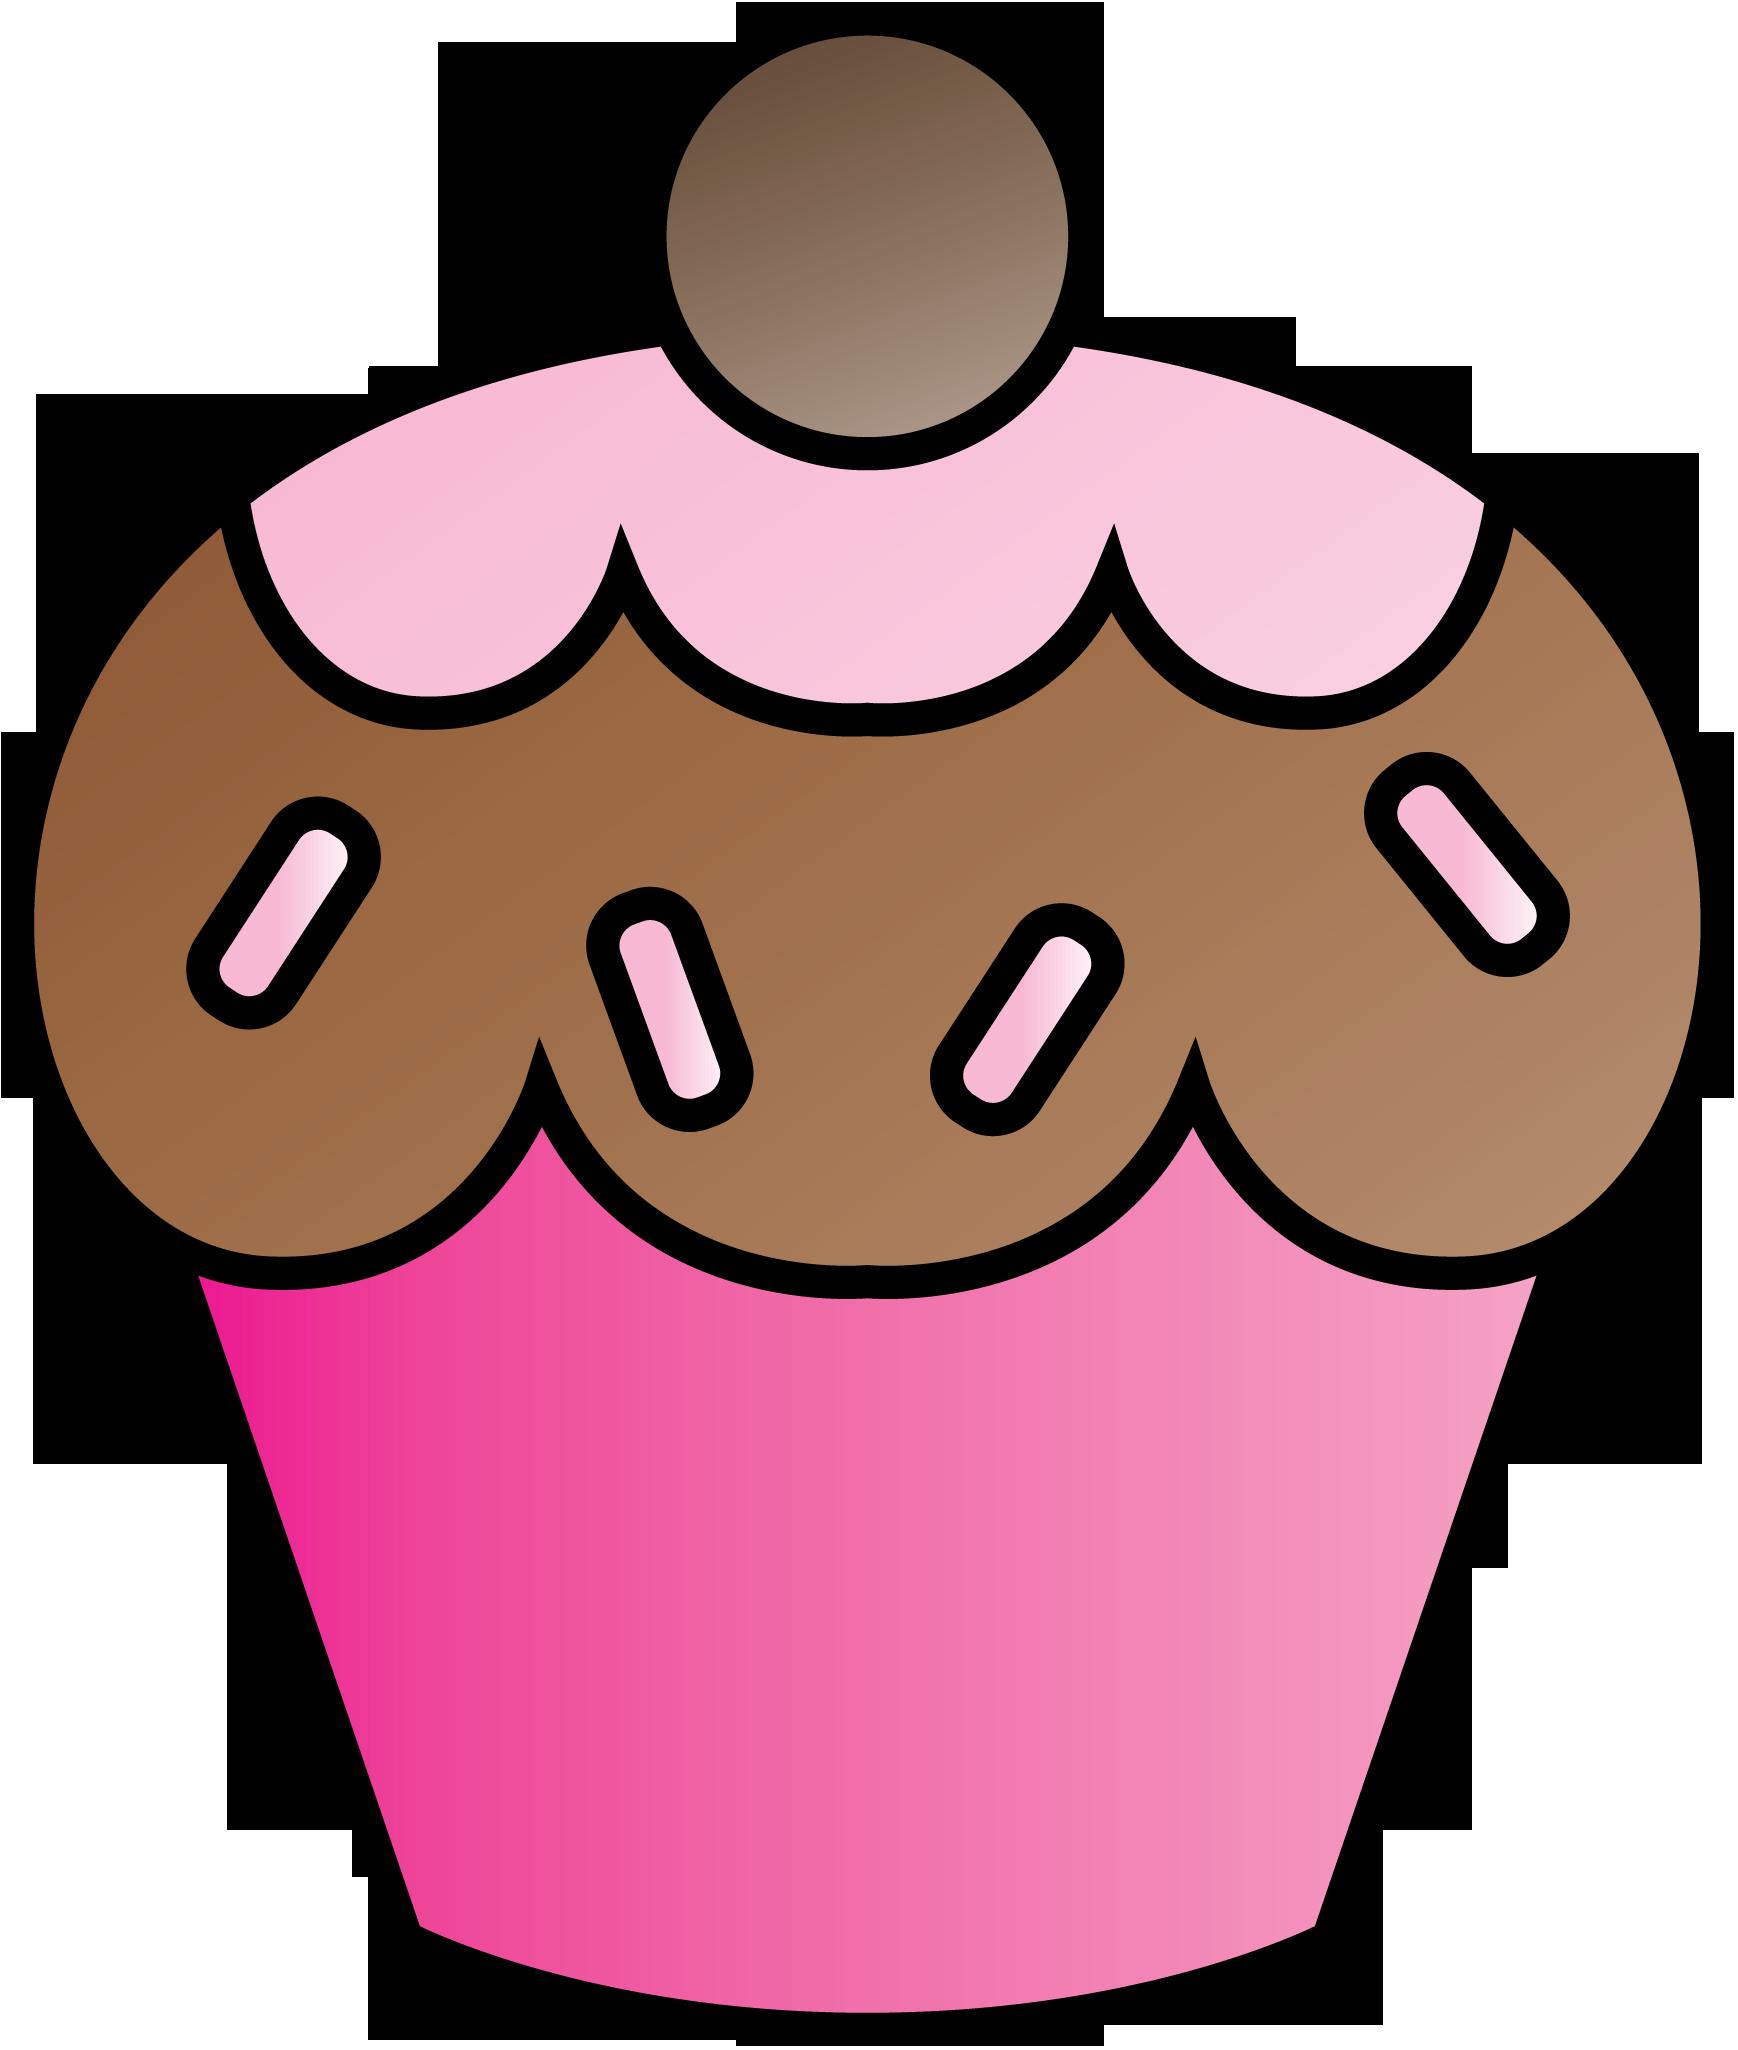 1738x2050 Cute Cupcake Clipart Freebie.